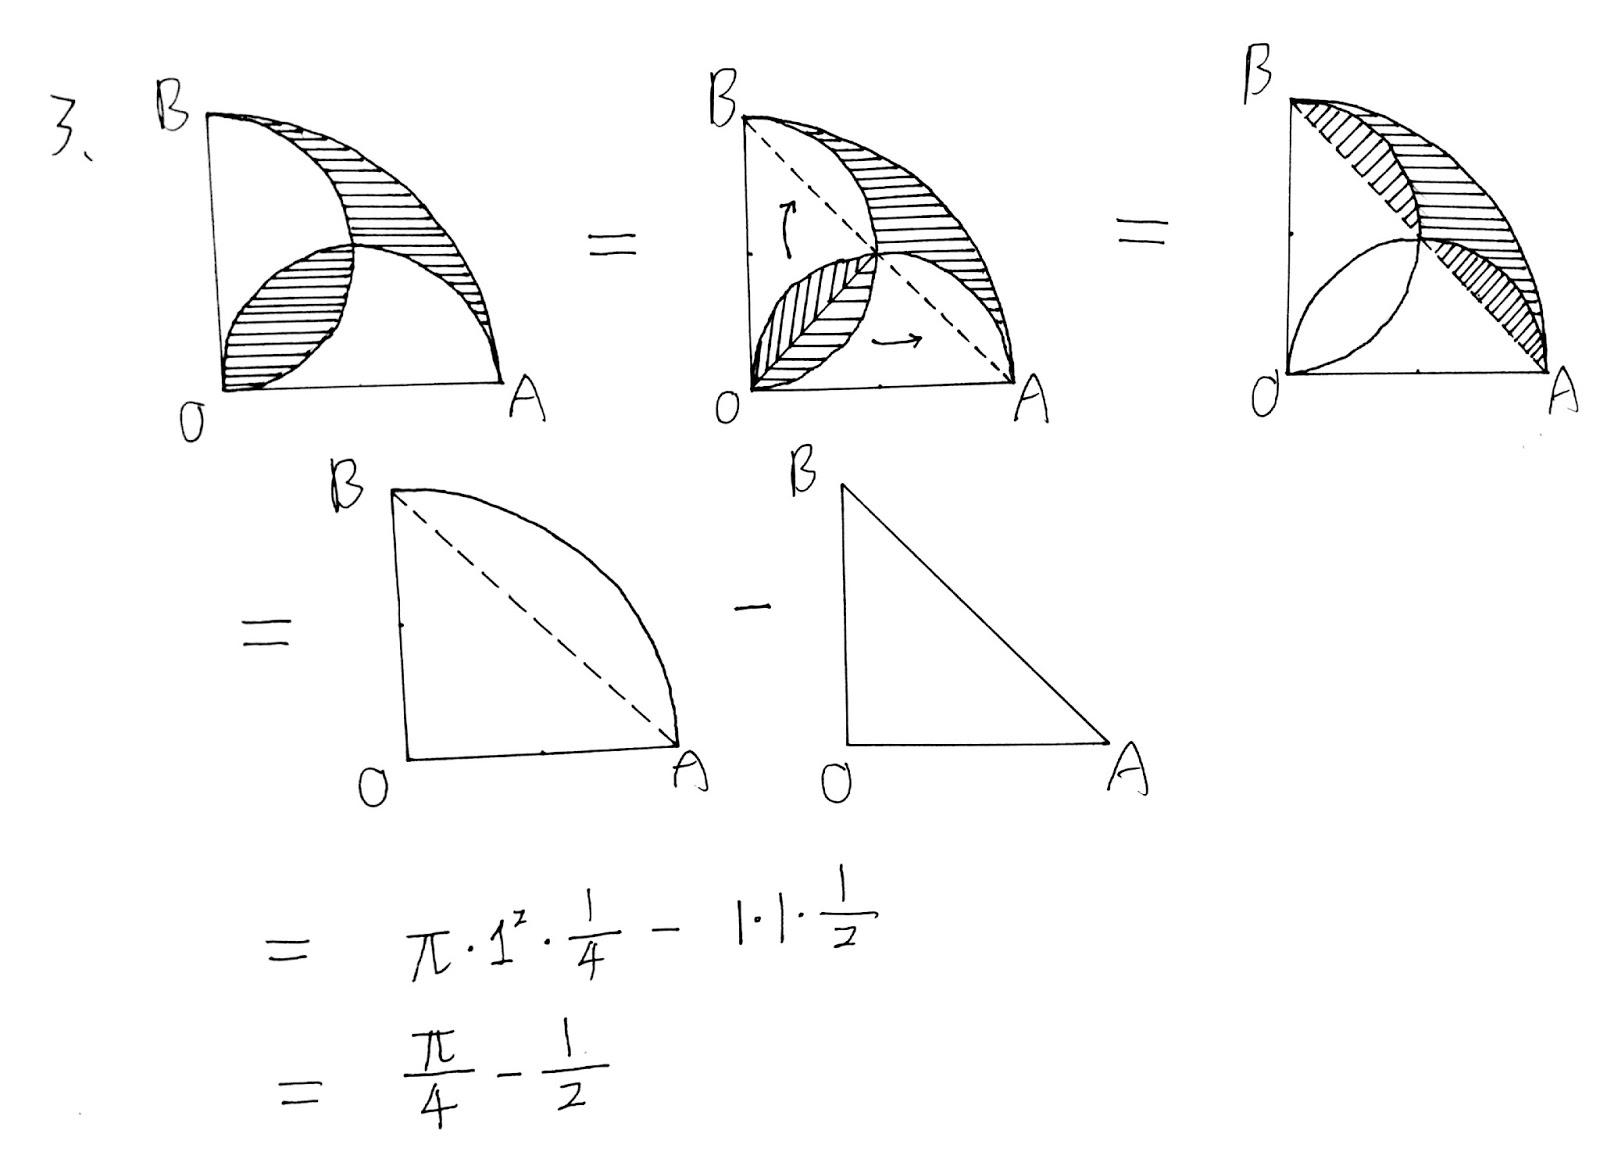 宇宙數學教室: 102,新竹高工職高一數學,第一次期中考,題目&詳解